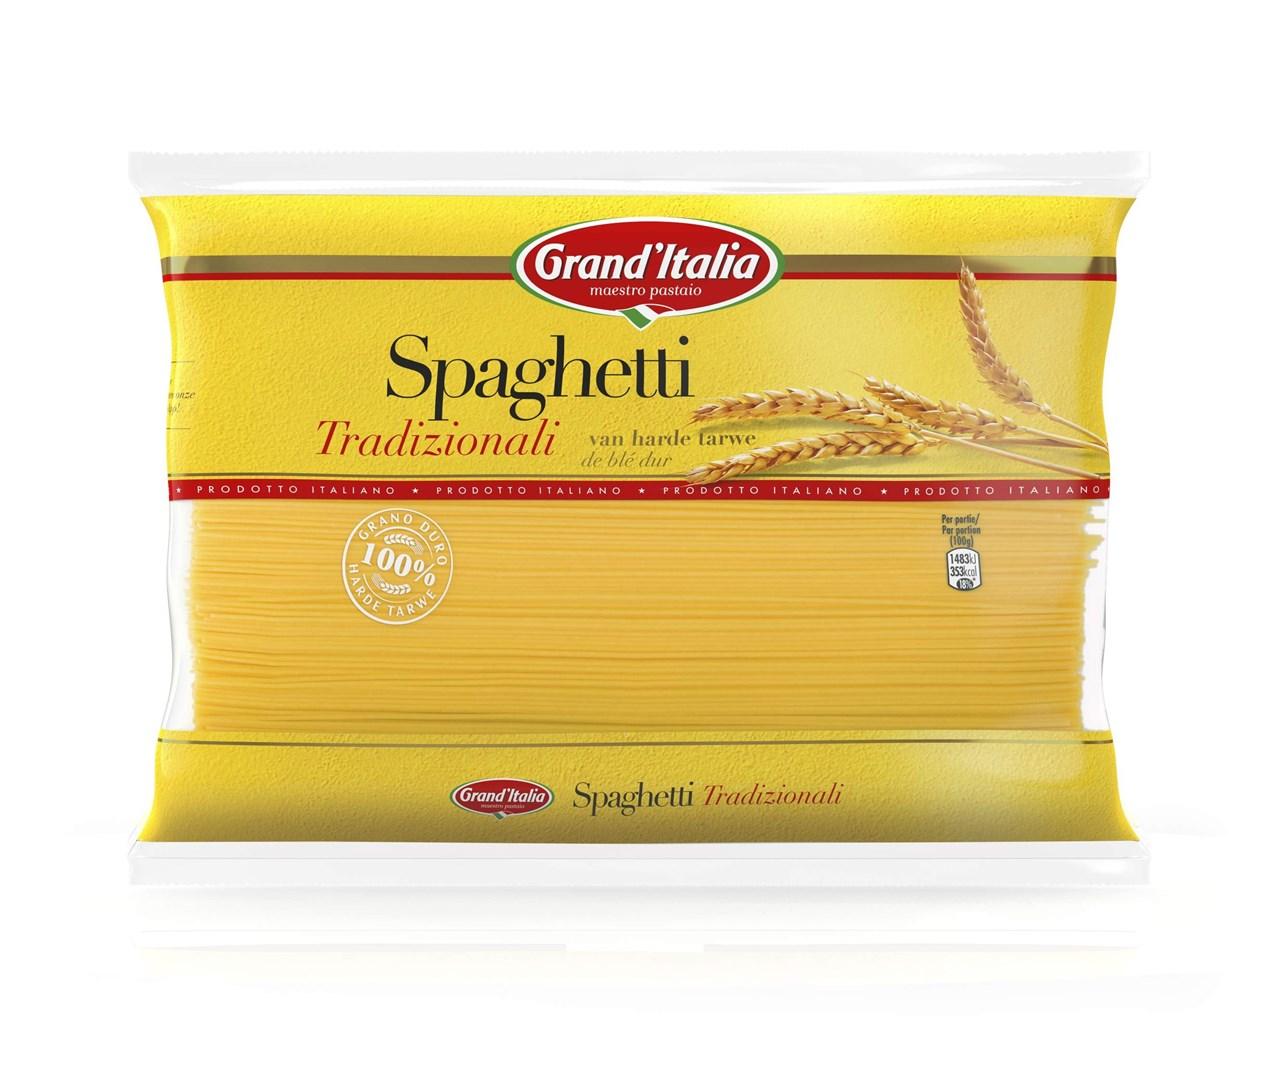 Productafbeelding Grand'Italia Pasta Spaghetti Tradizionali 3kg Zak